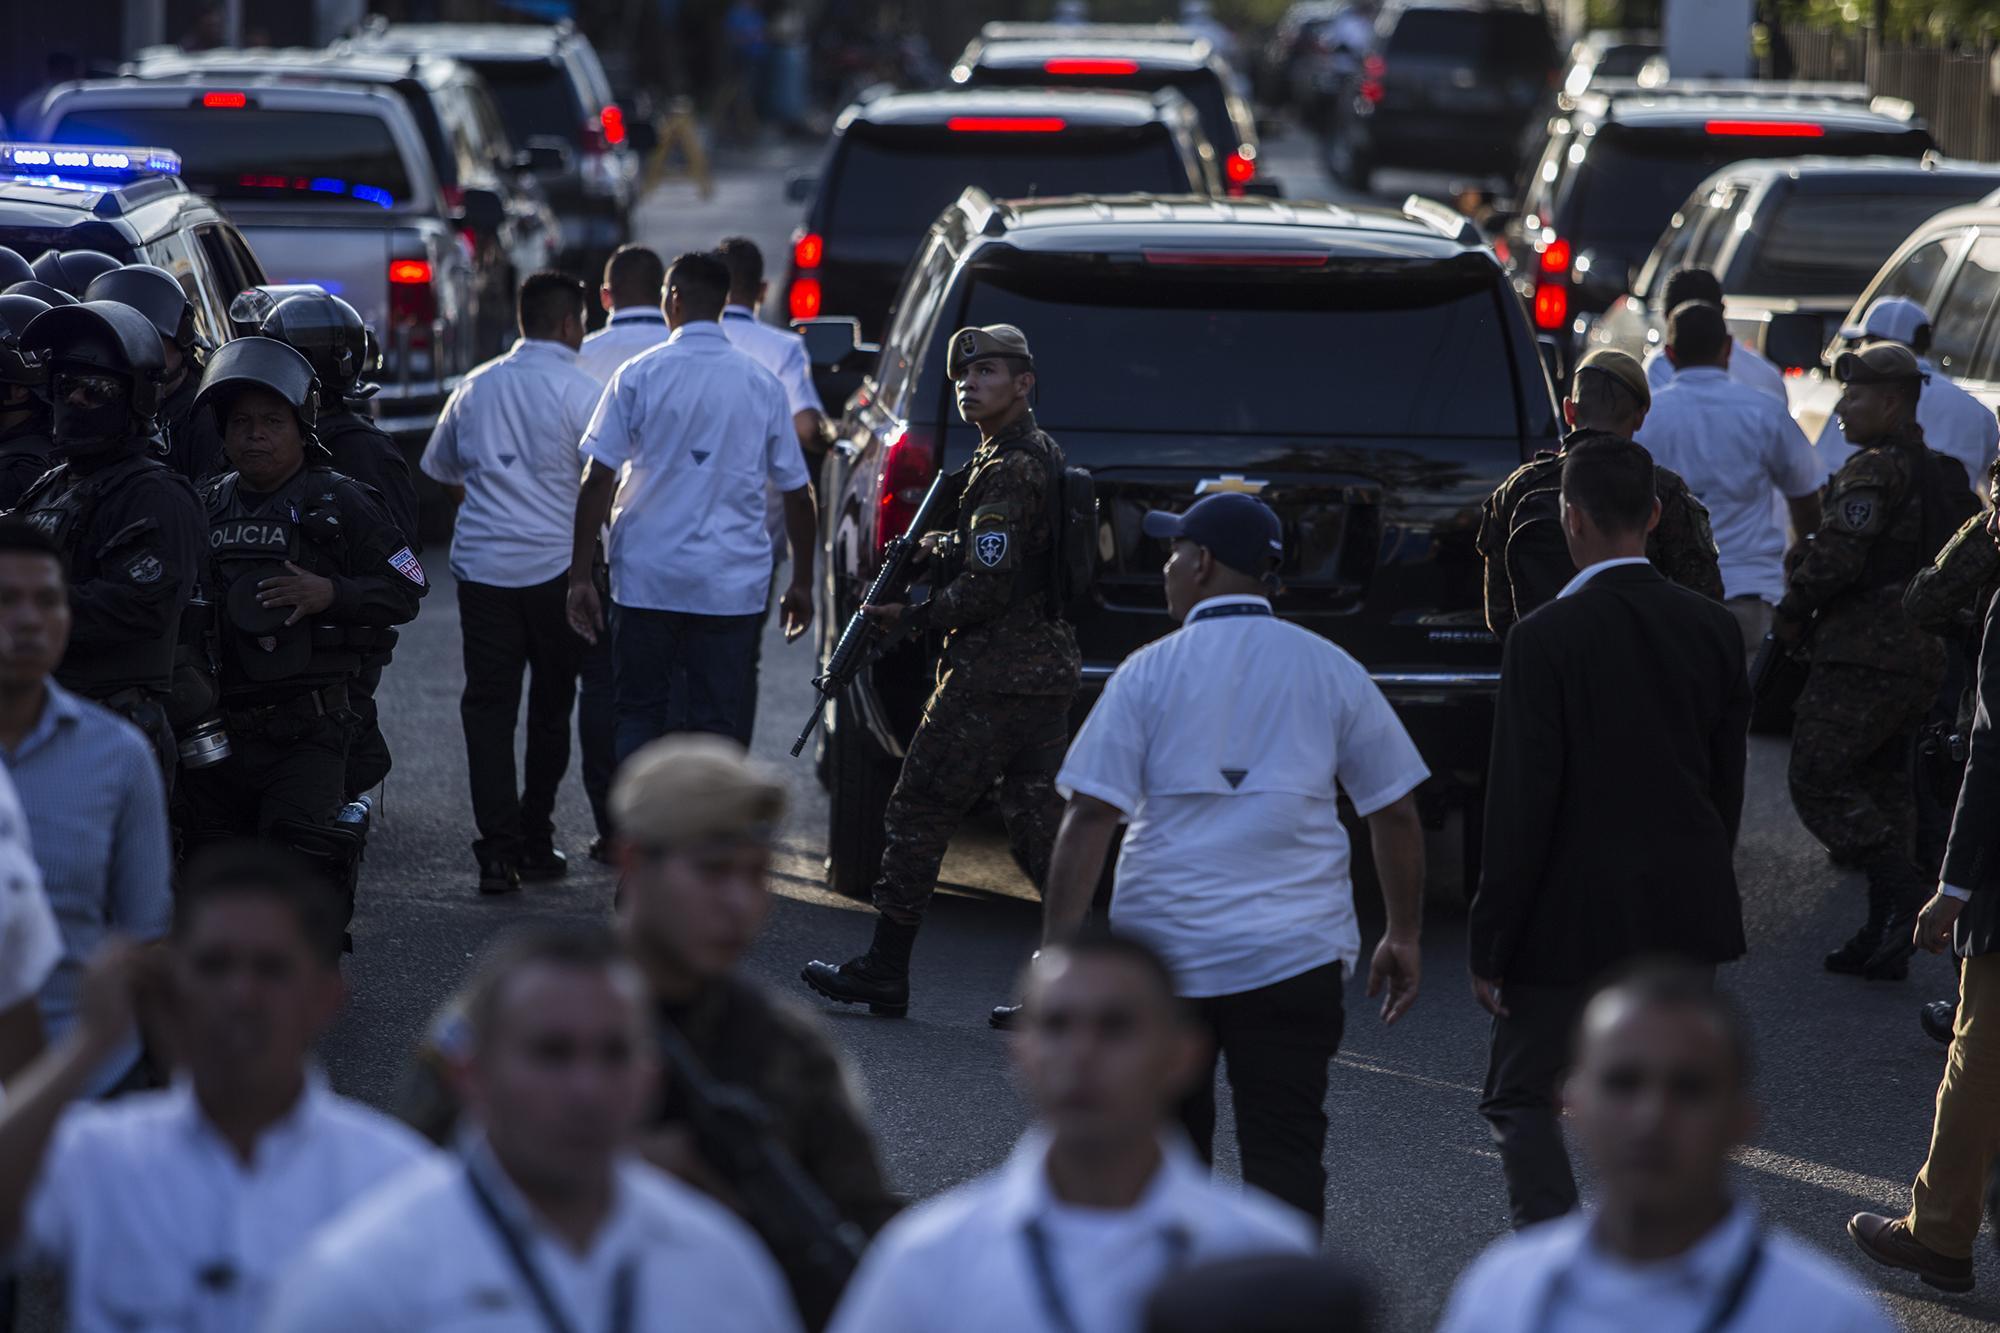 Bukele se retiró a las 5:20 de la tarde, una hora después de haber llegado. Se retiró bajo la protección de un fuerte dispositivo de seguridad y en una caravana de vehículos. Foto de El Faro: Víctor Peña